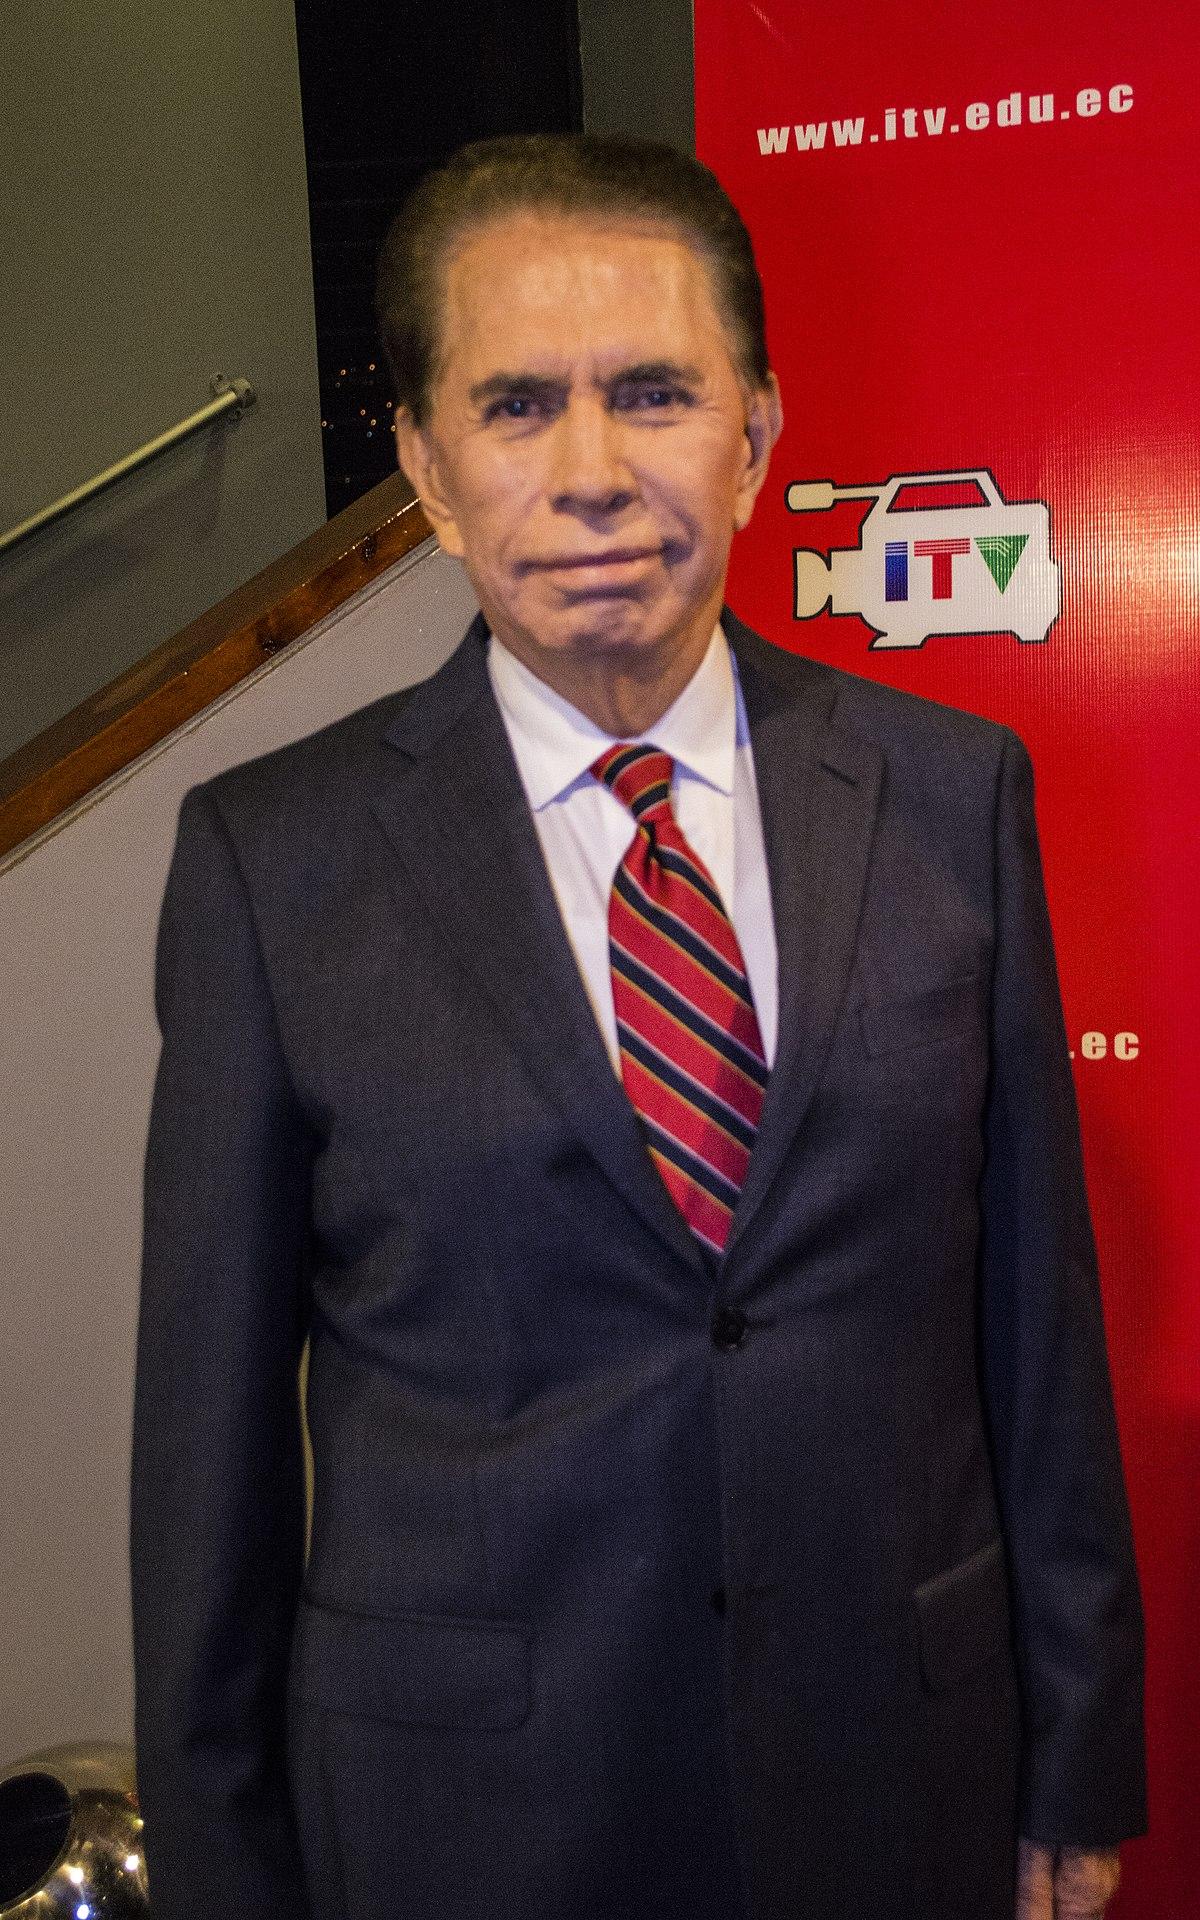 Alfonso Espinosa de los Monteros - Wikipedia